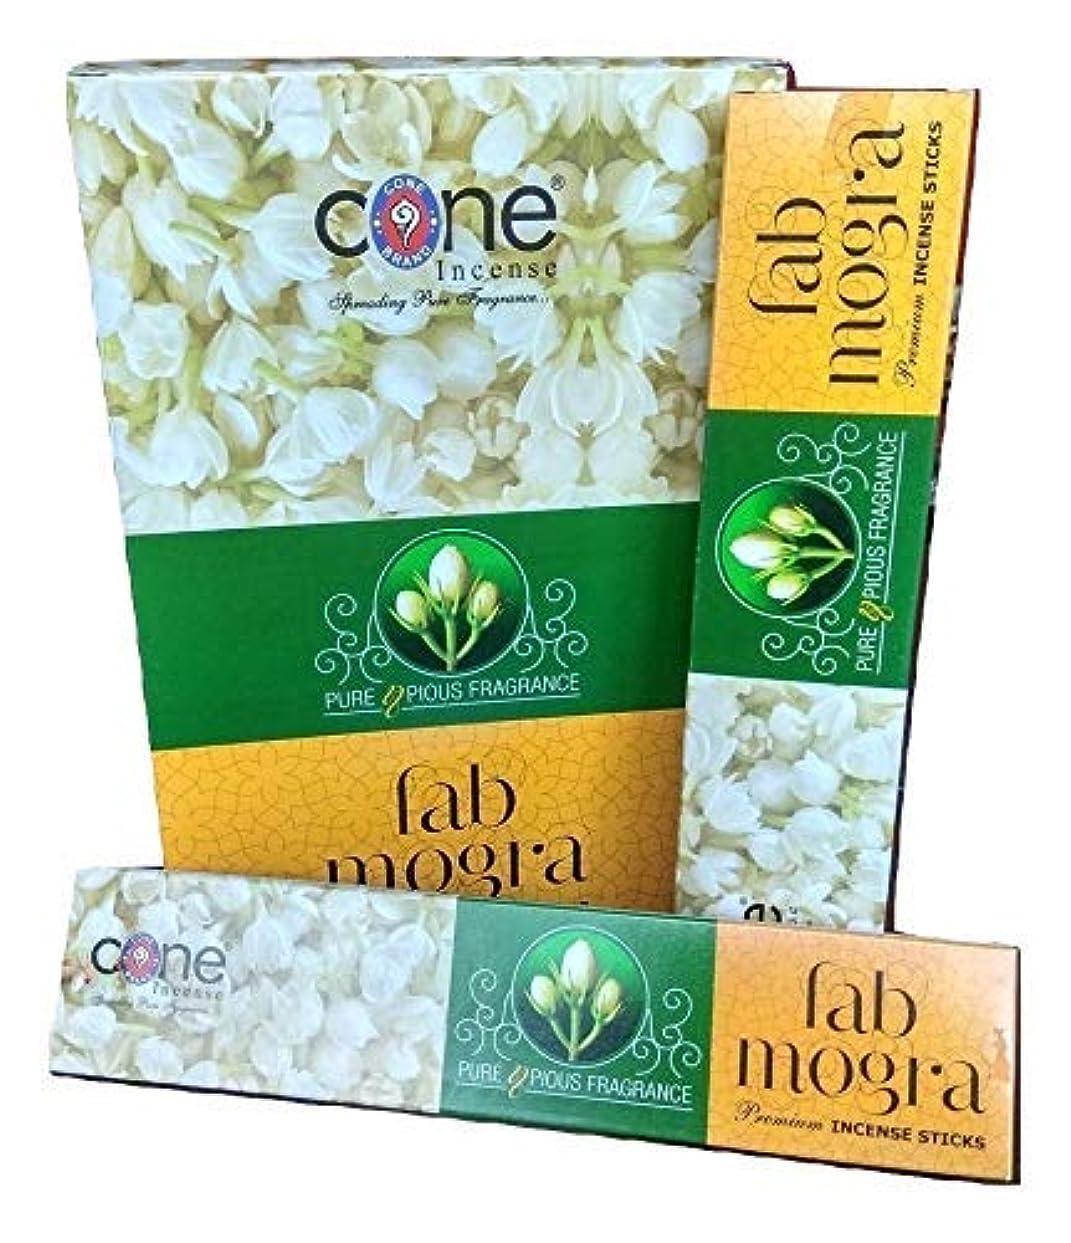 腸リフトイソギンチャクCone's Fab Mogra Incense Sticks Pack of 12 (144 Sticks)